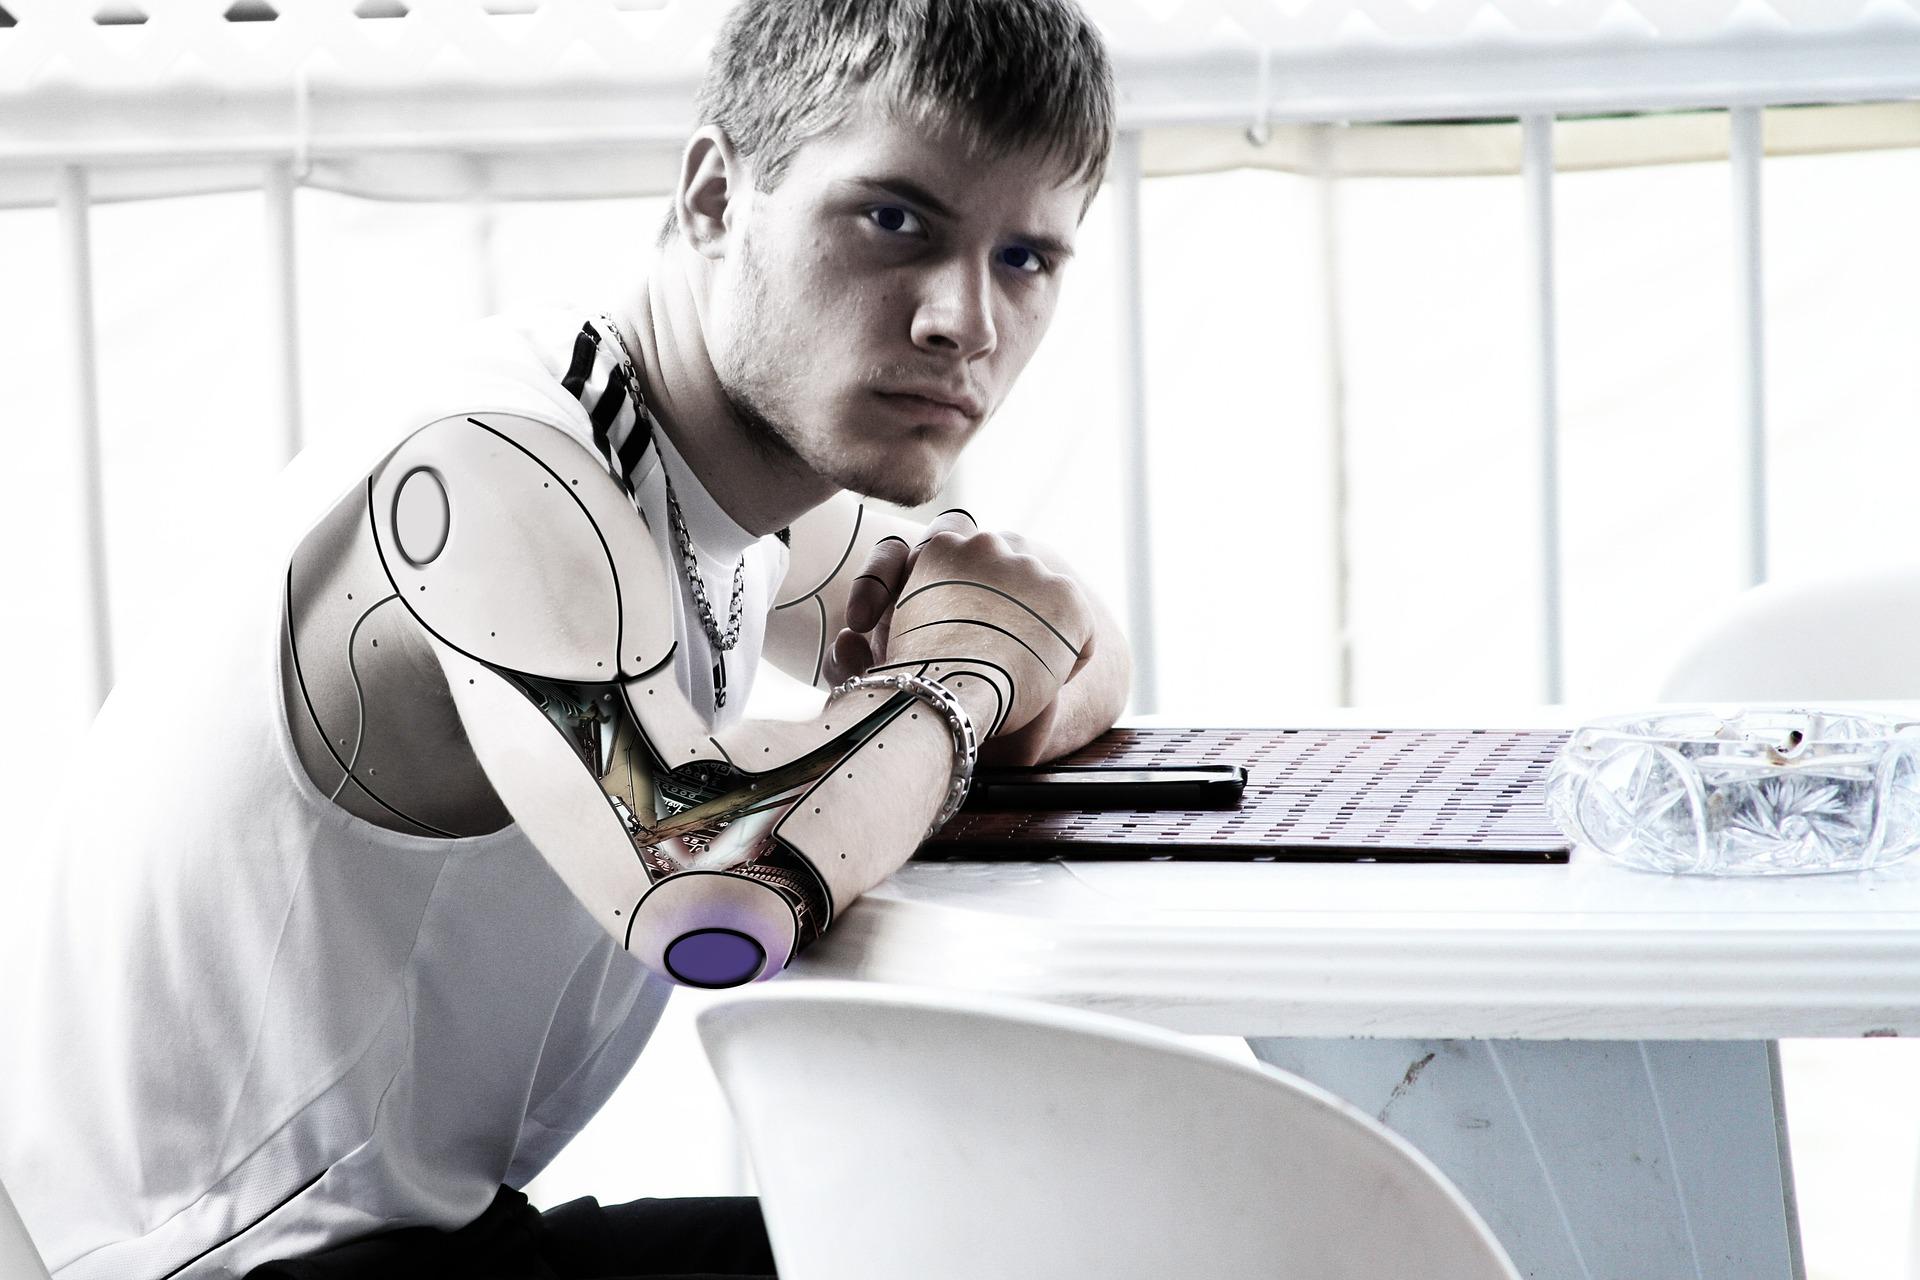 - Już dziś istniejące technologie pomagają zautomatyzować pracę - mówi jeden z ekspertów zaproszonych do omówienia raportu